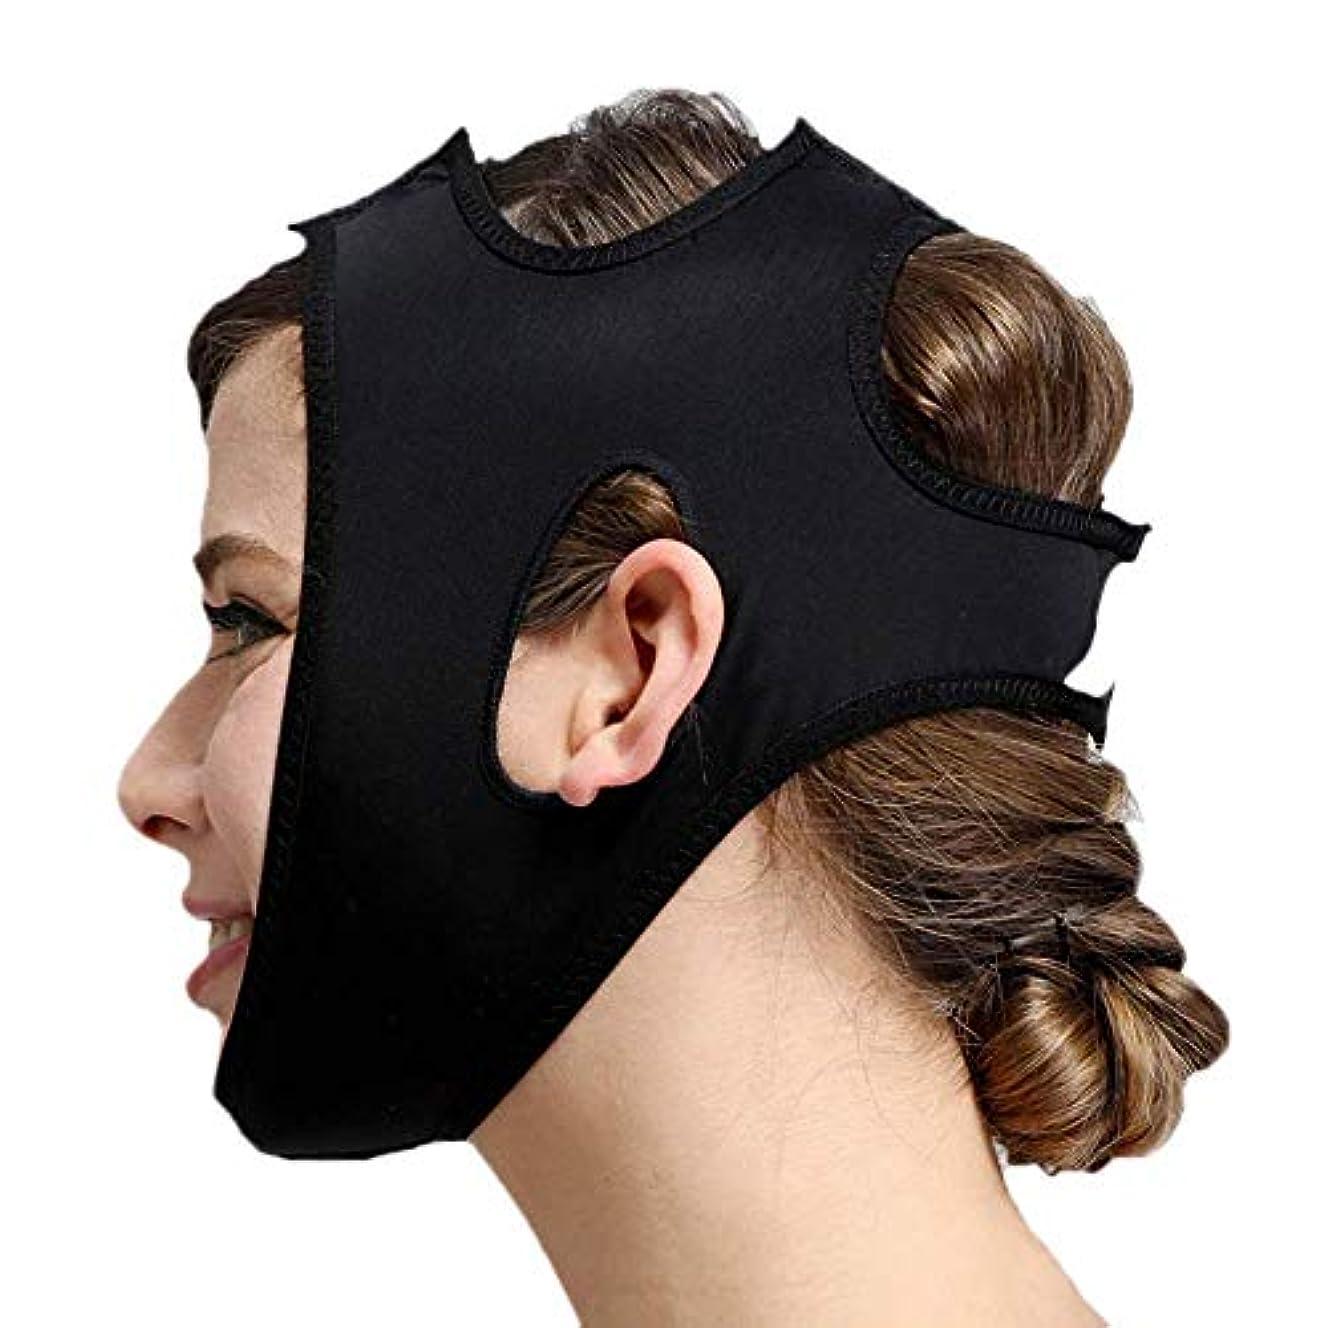 フェイススリミングマスク、快適さと通気性、フェイシャルリフティング、輪郭の改善された硬さ、ファーミングとリフティングフェイス(カラー:ブラック、サイズ:XL),ブラック、XL